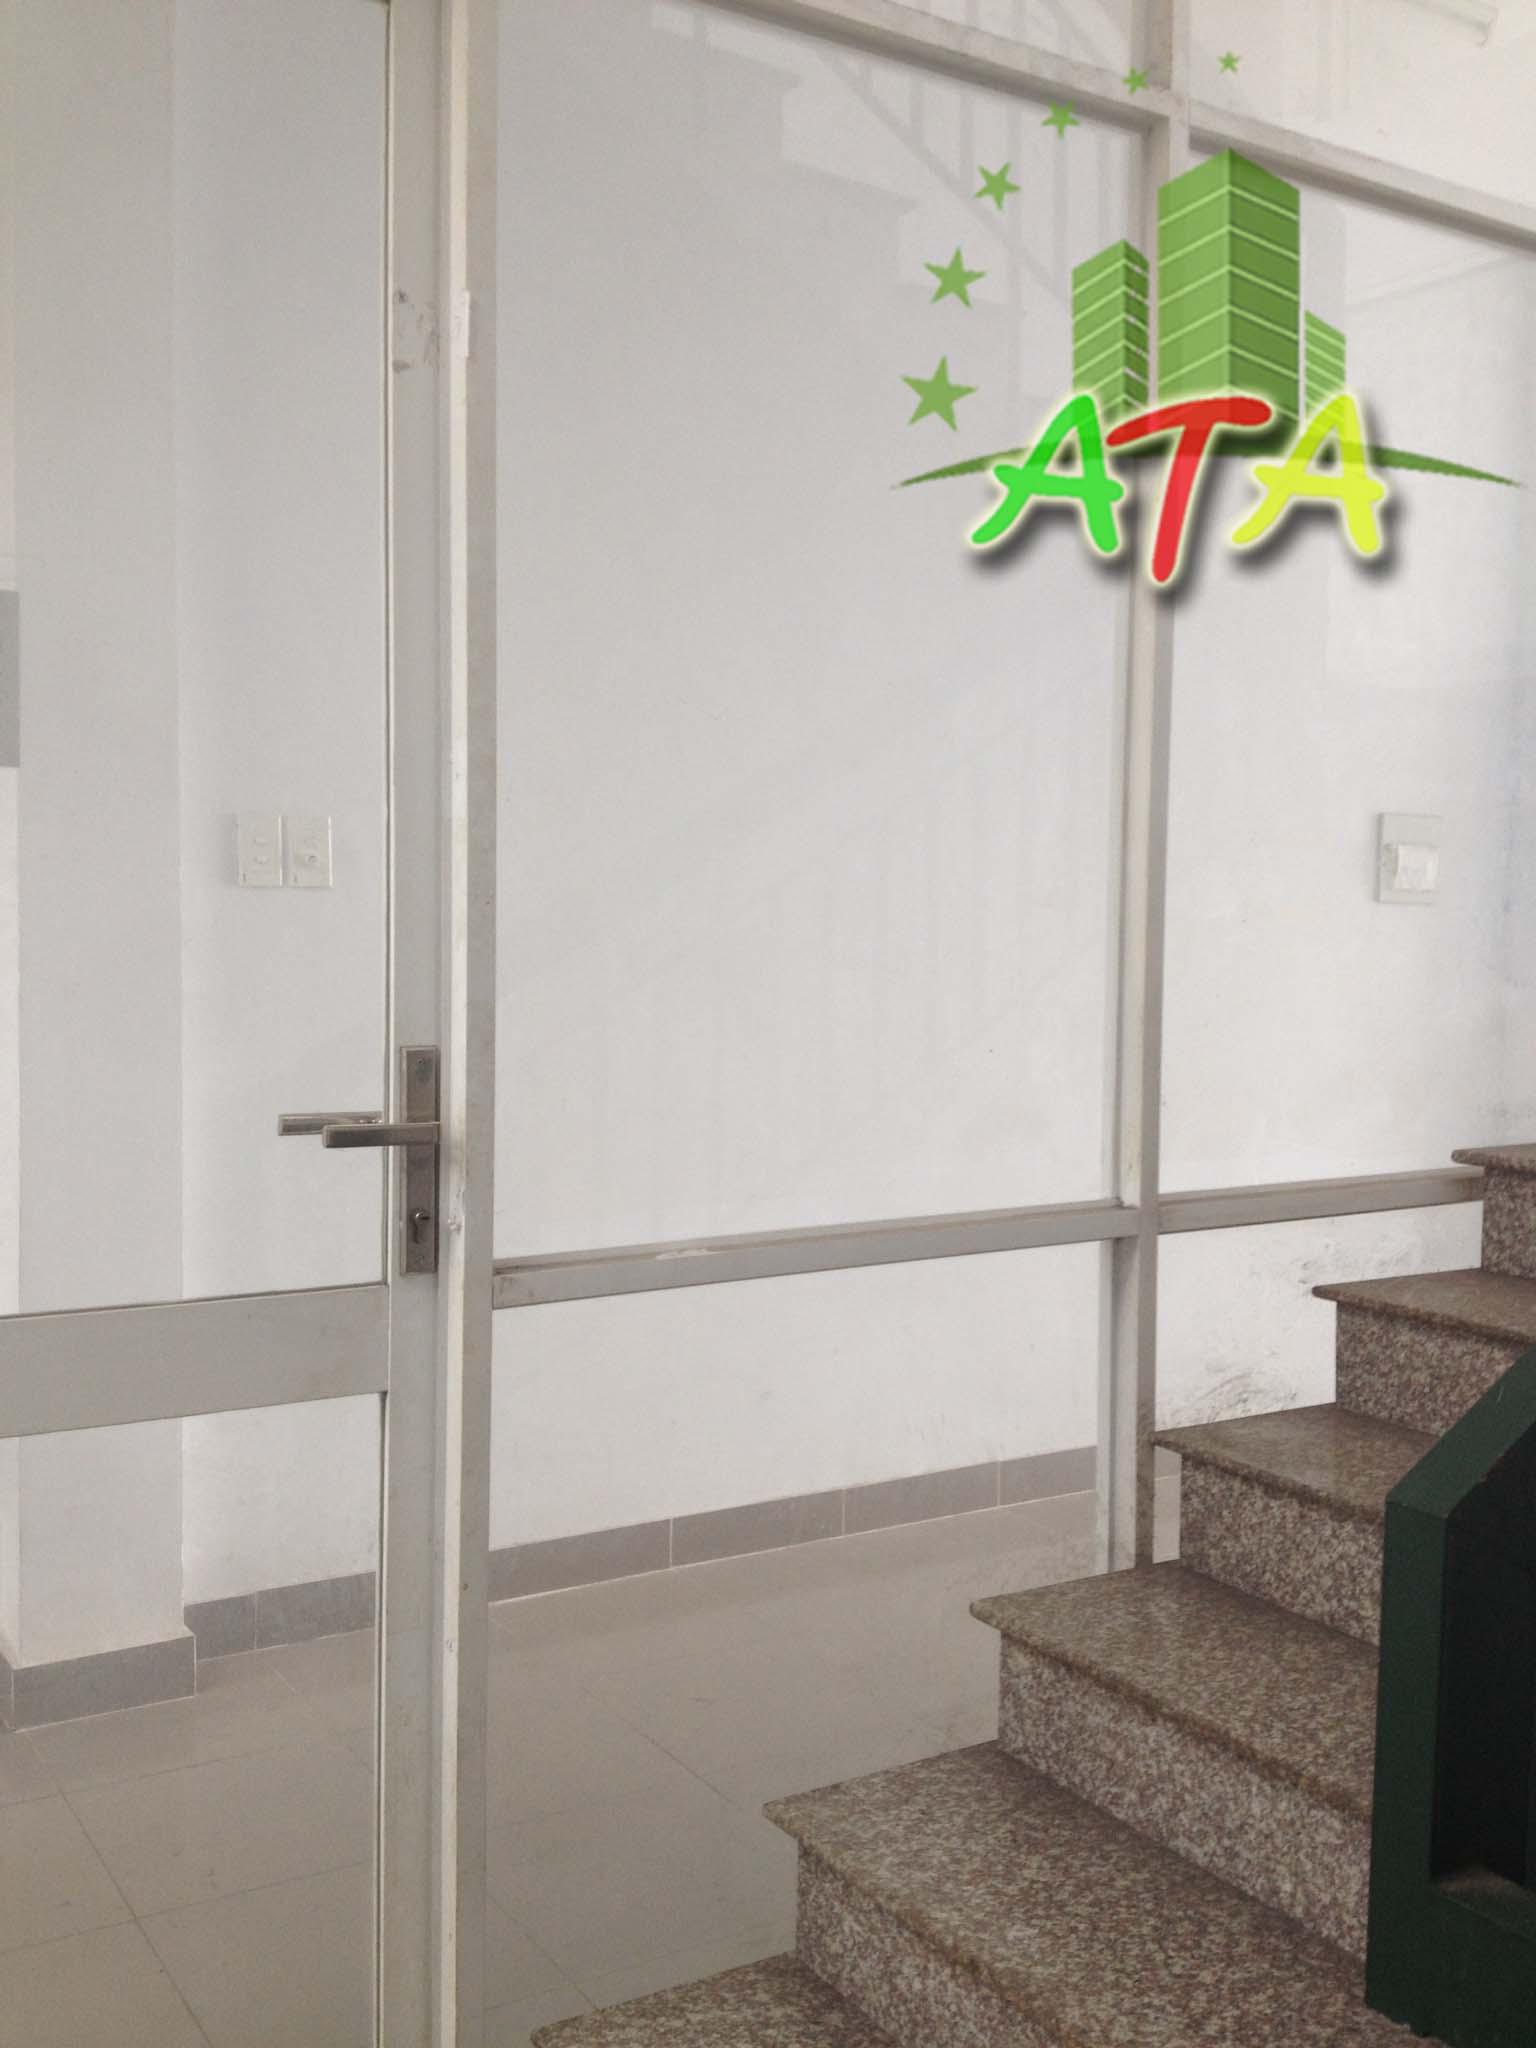 nhà cho thuê quận phú nhuận giá rẻ, đường Phan Đình Phùng, ngã tư Phú Nhuận, house for rent in Phu Nhuan District